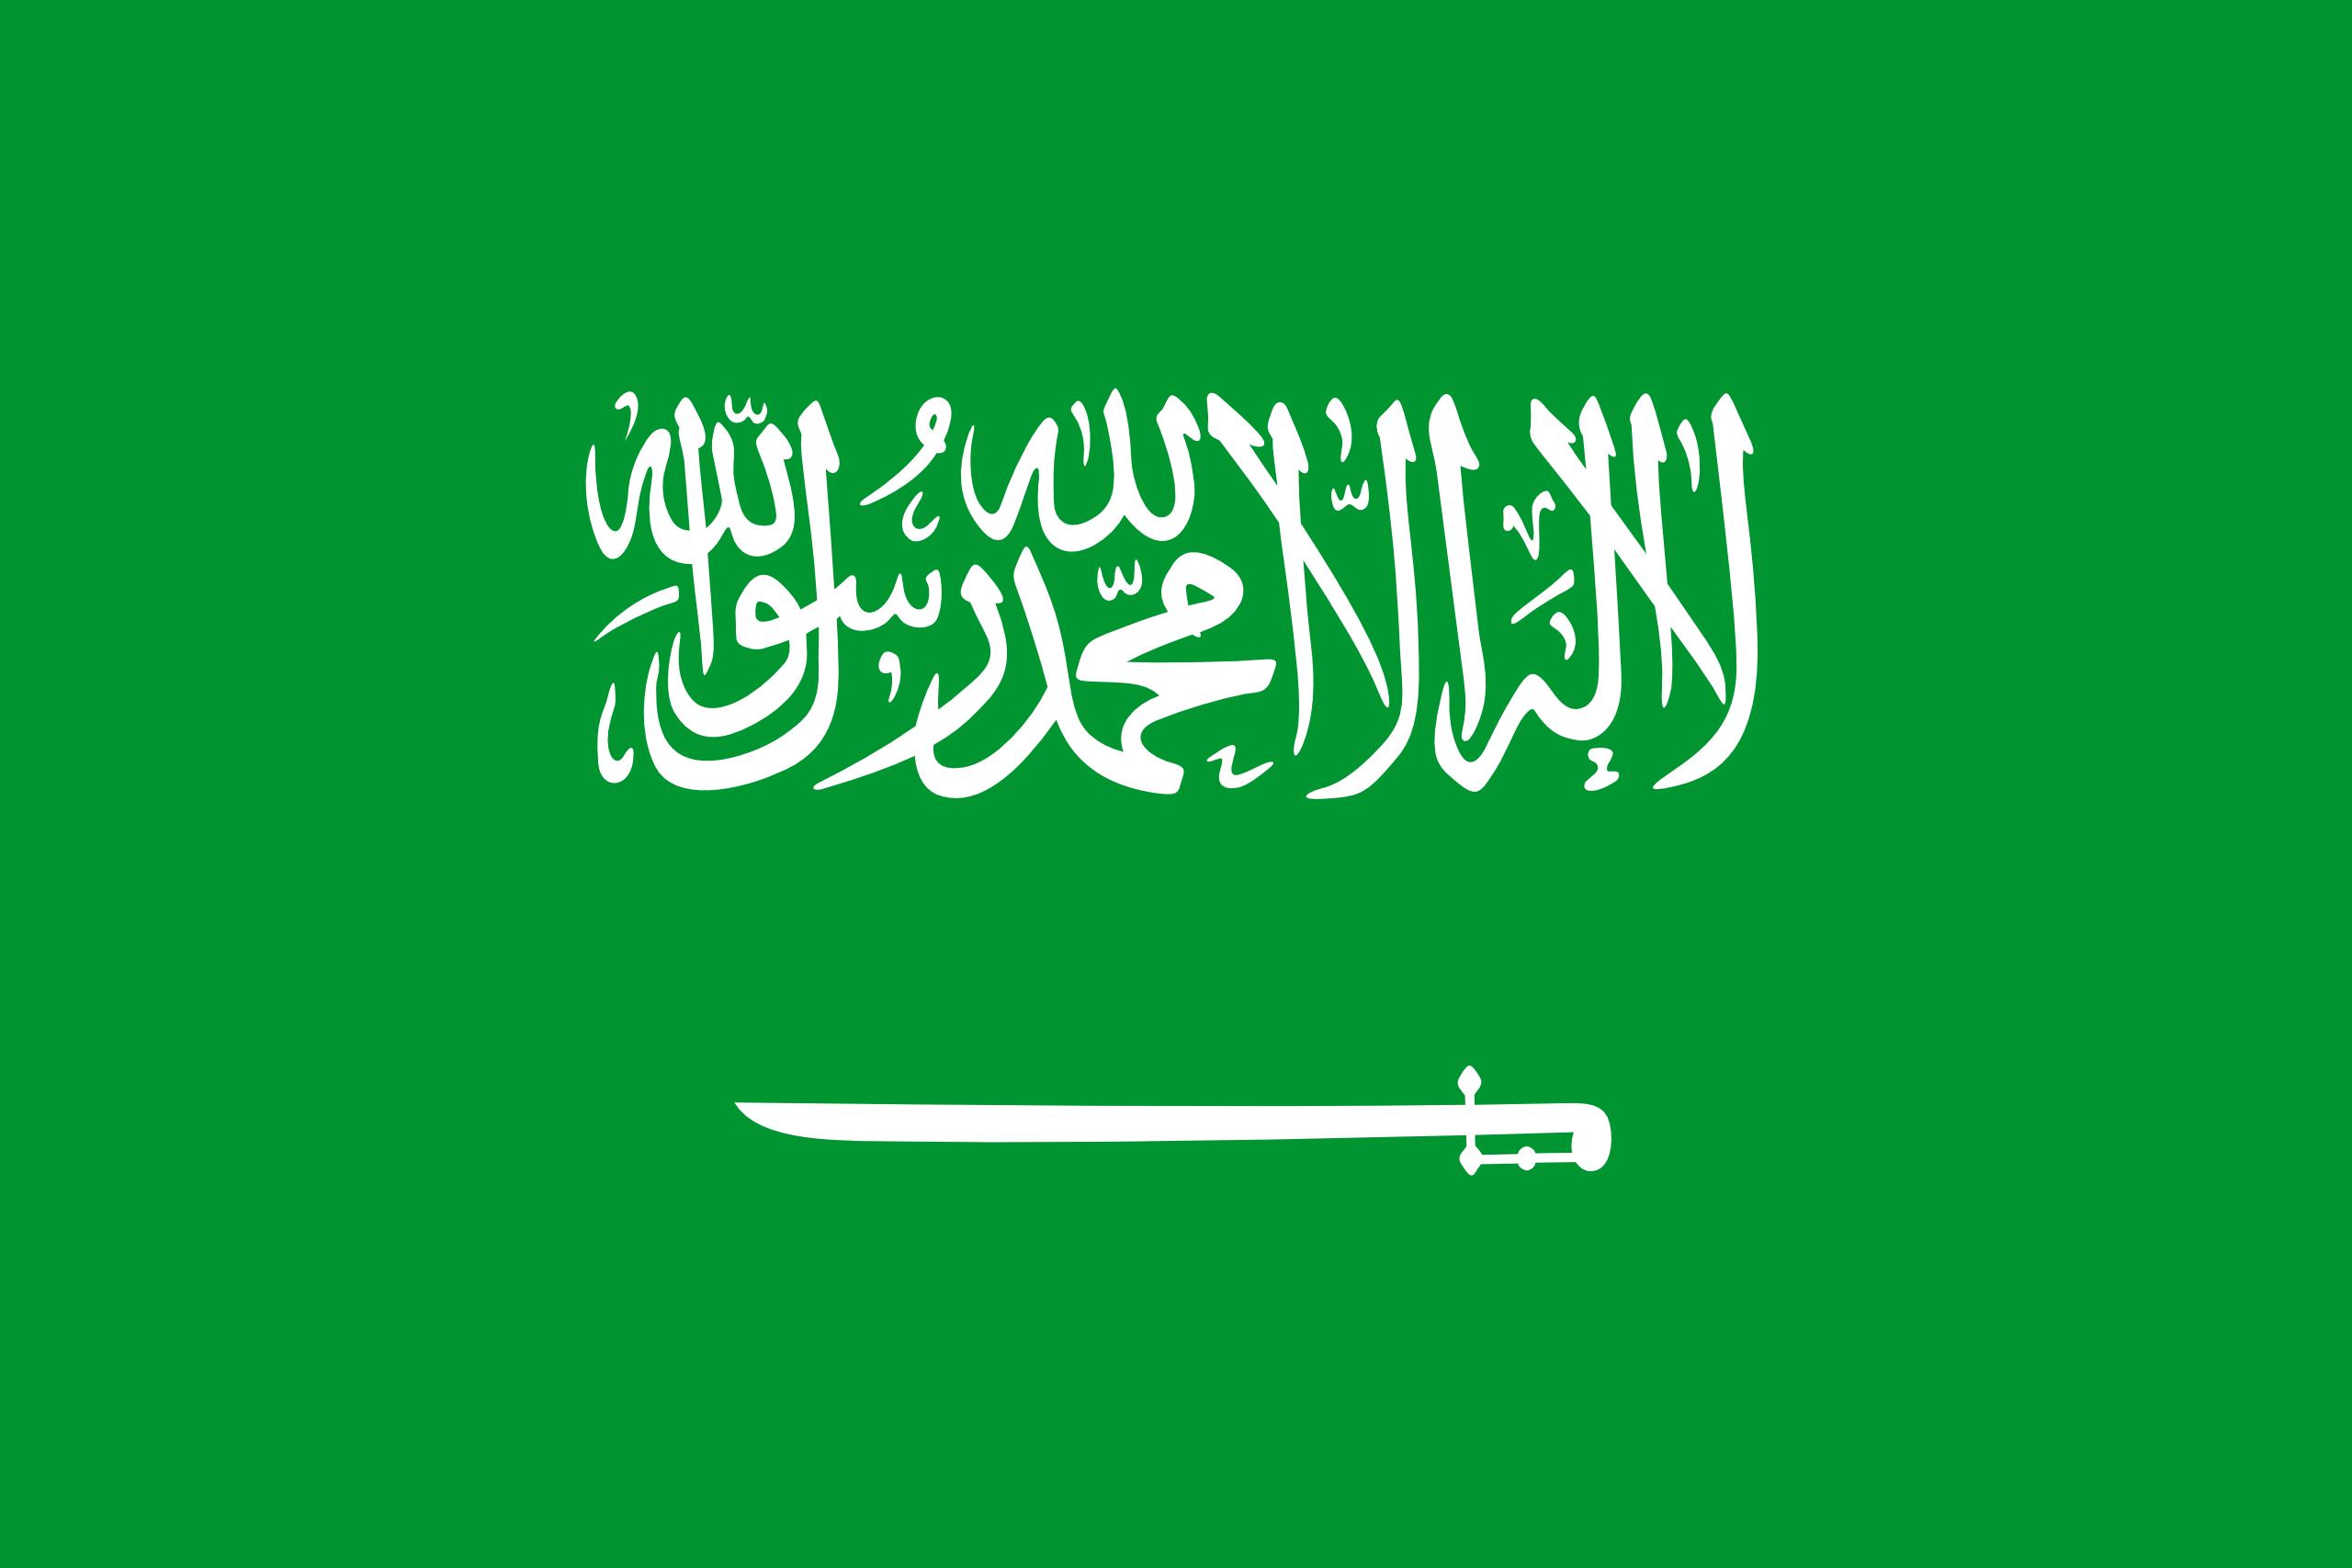 Saudi-Arabien, Land, Emblem, Logo, Symbol - Wallpaper HD - Prof.-falken.com